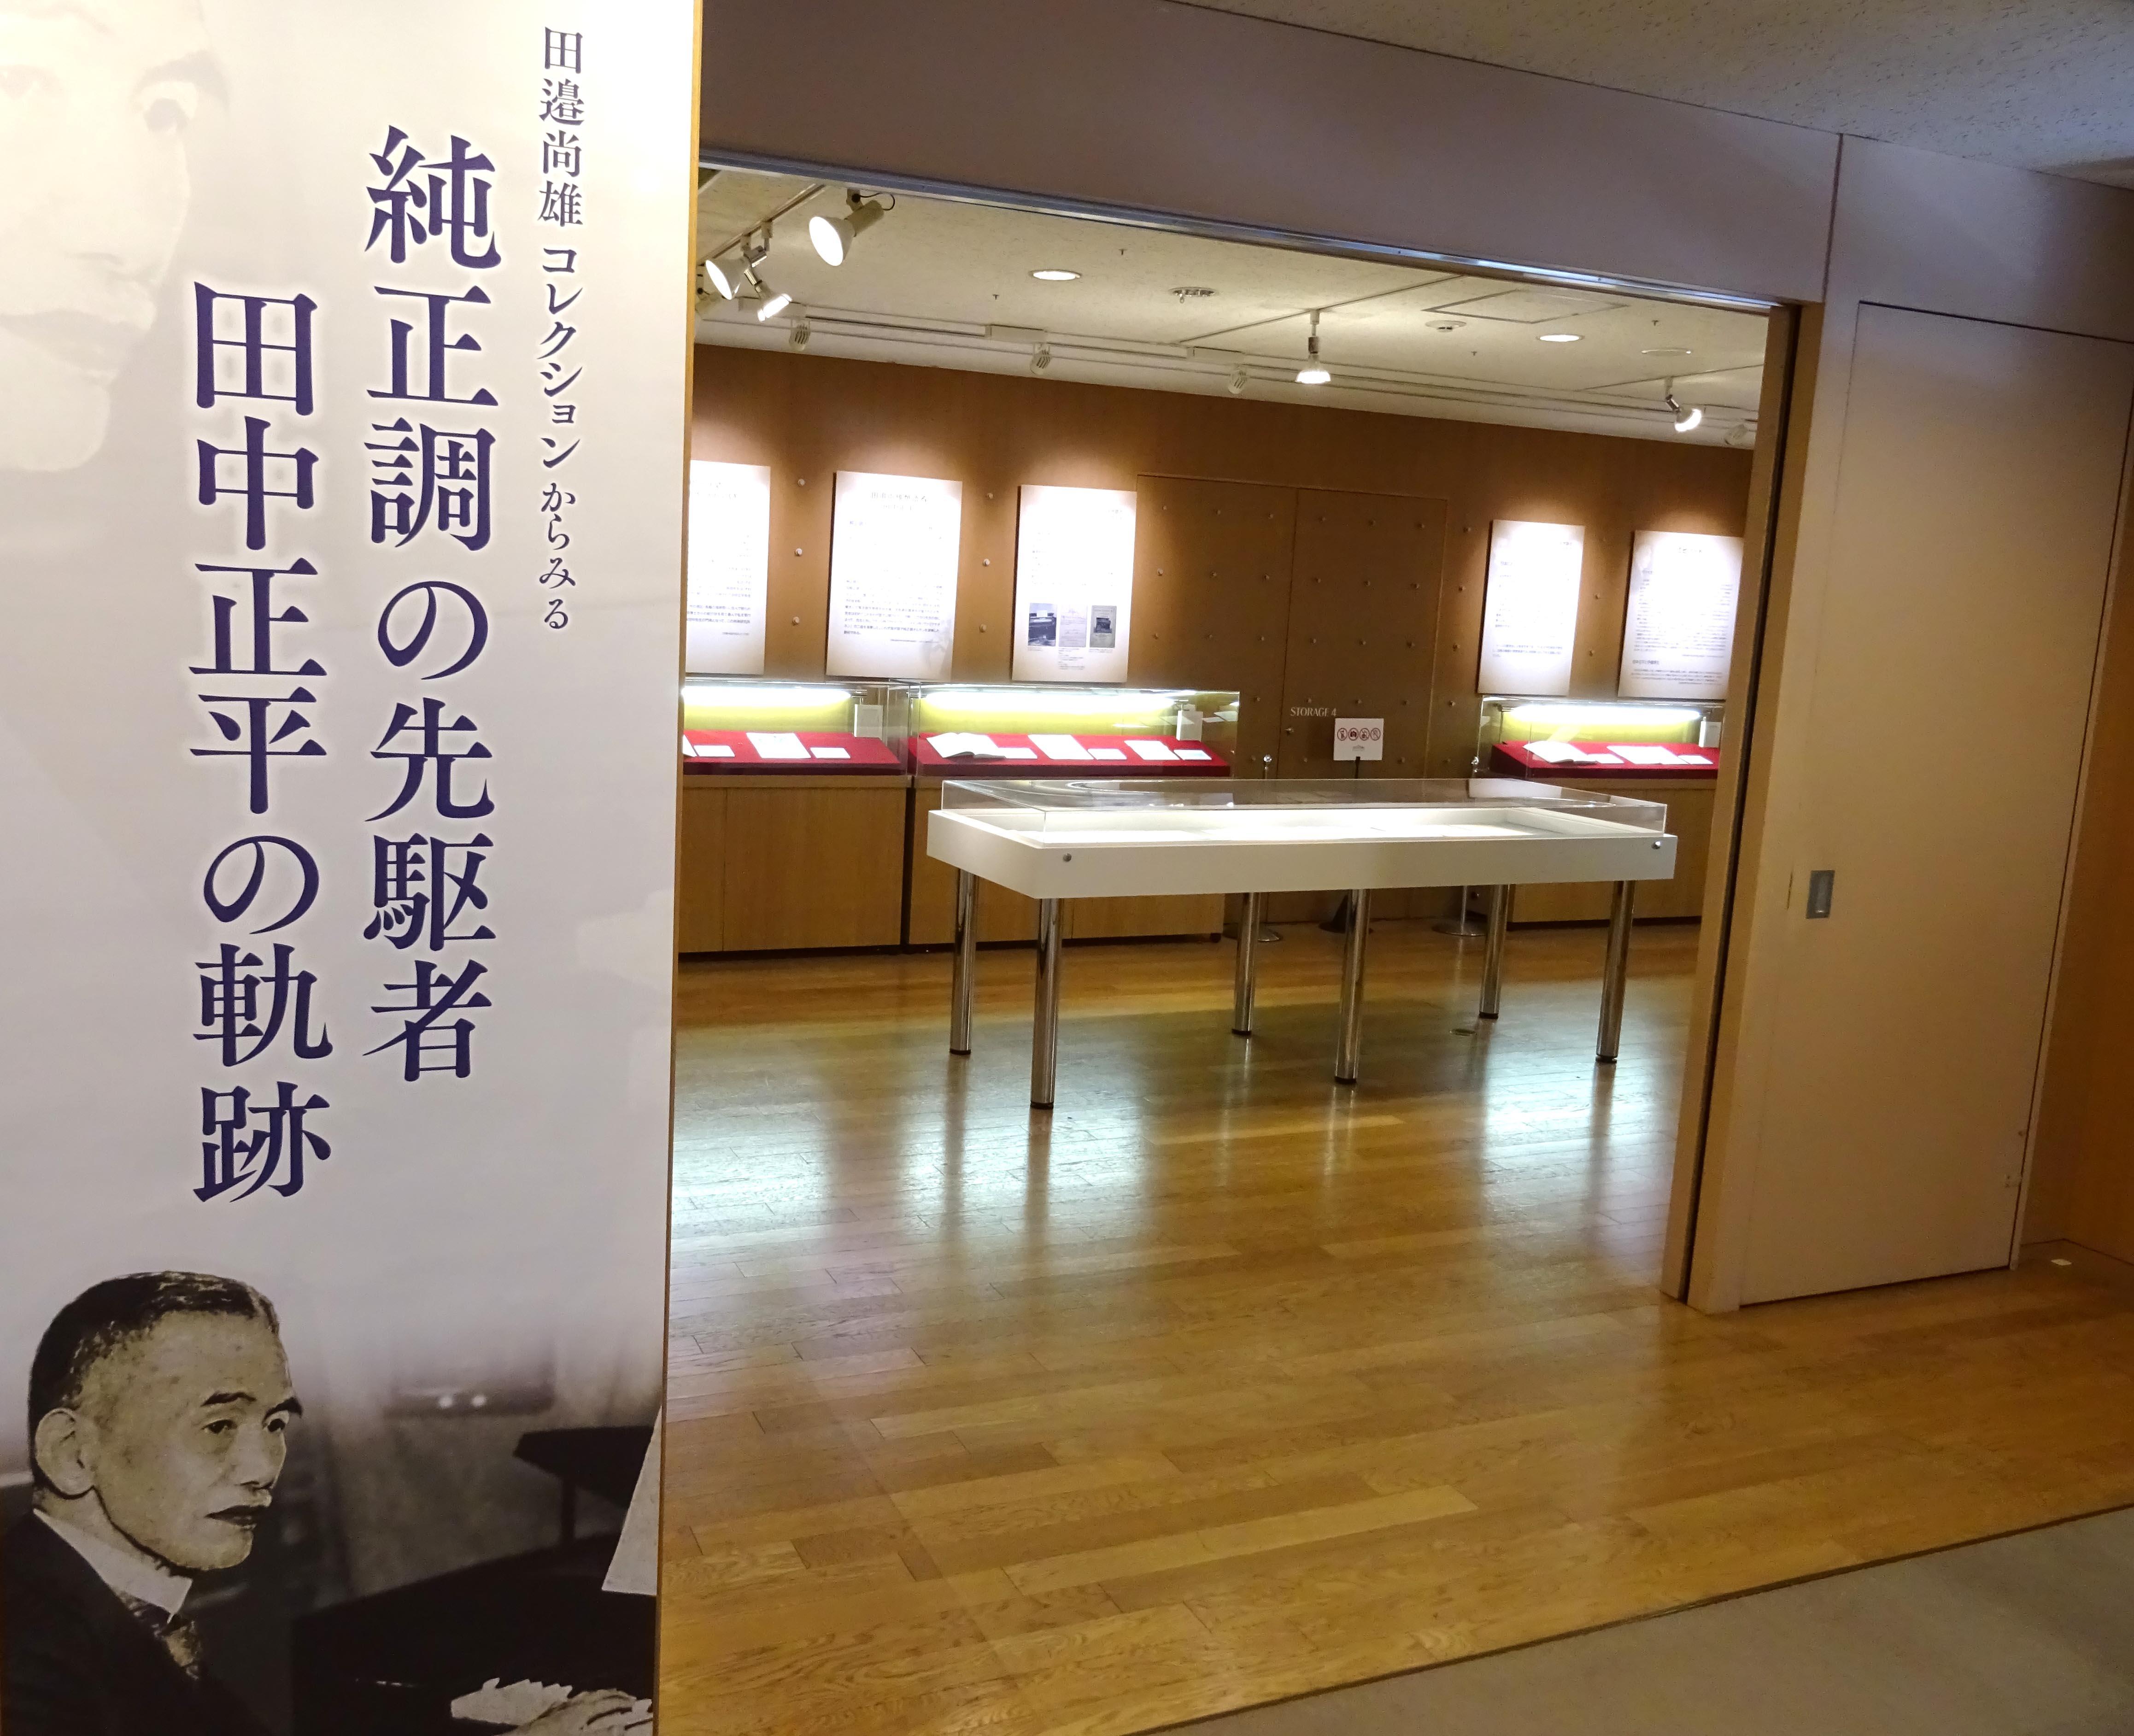 民音音楽博物館「純正調の先駆者 田中正平の軌跡」 | SOKAnet公式ブログ